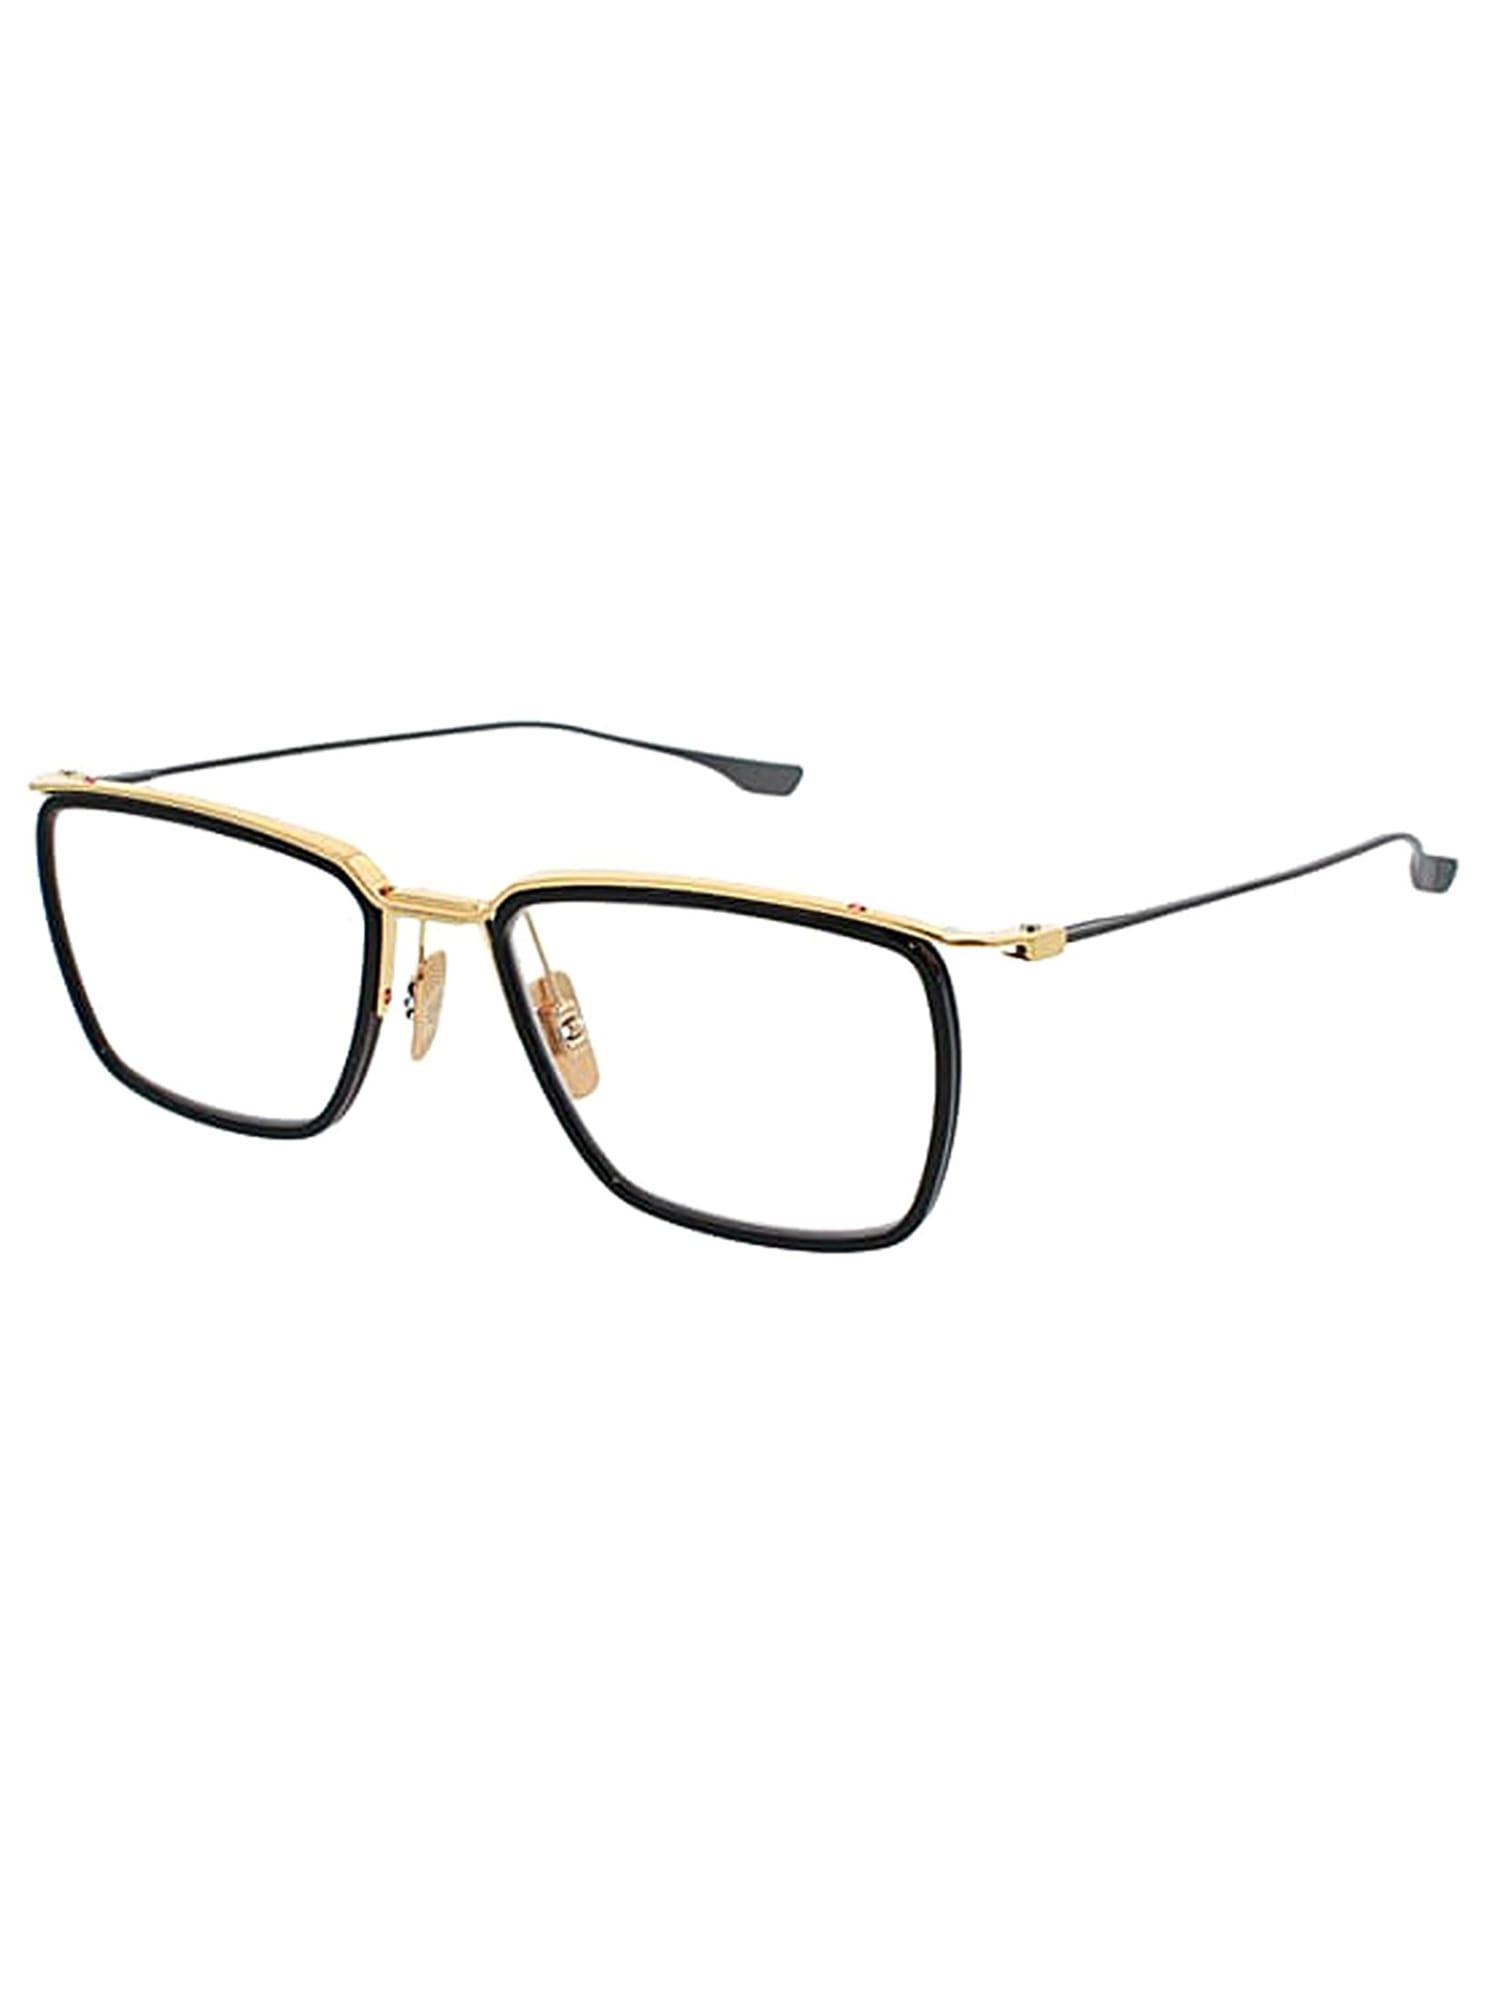 DTX106/55/04 SCHEMA ONE Eyewear